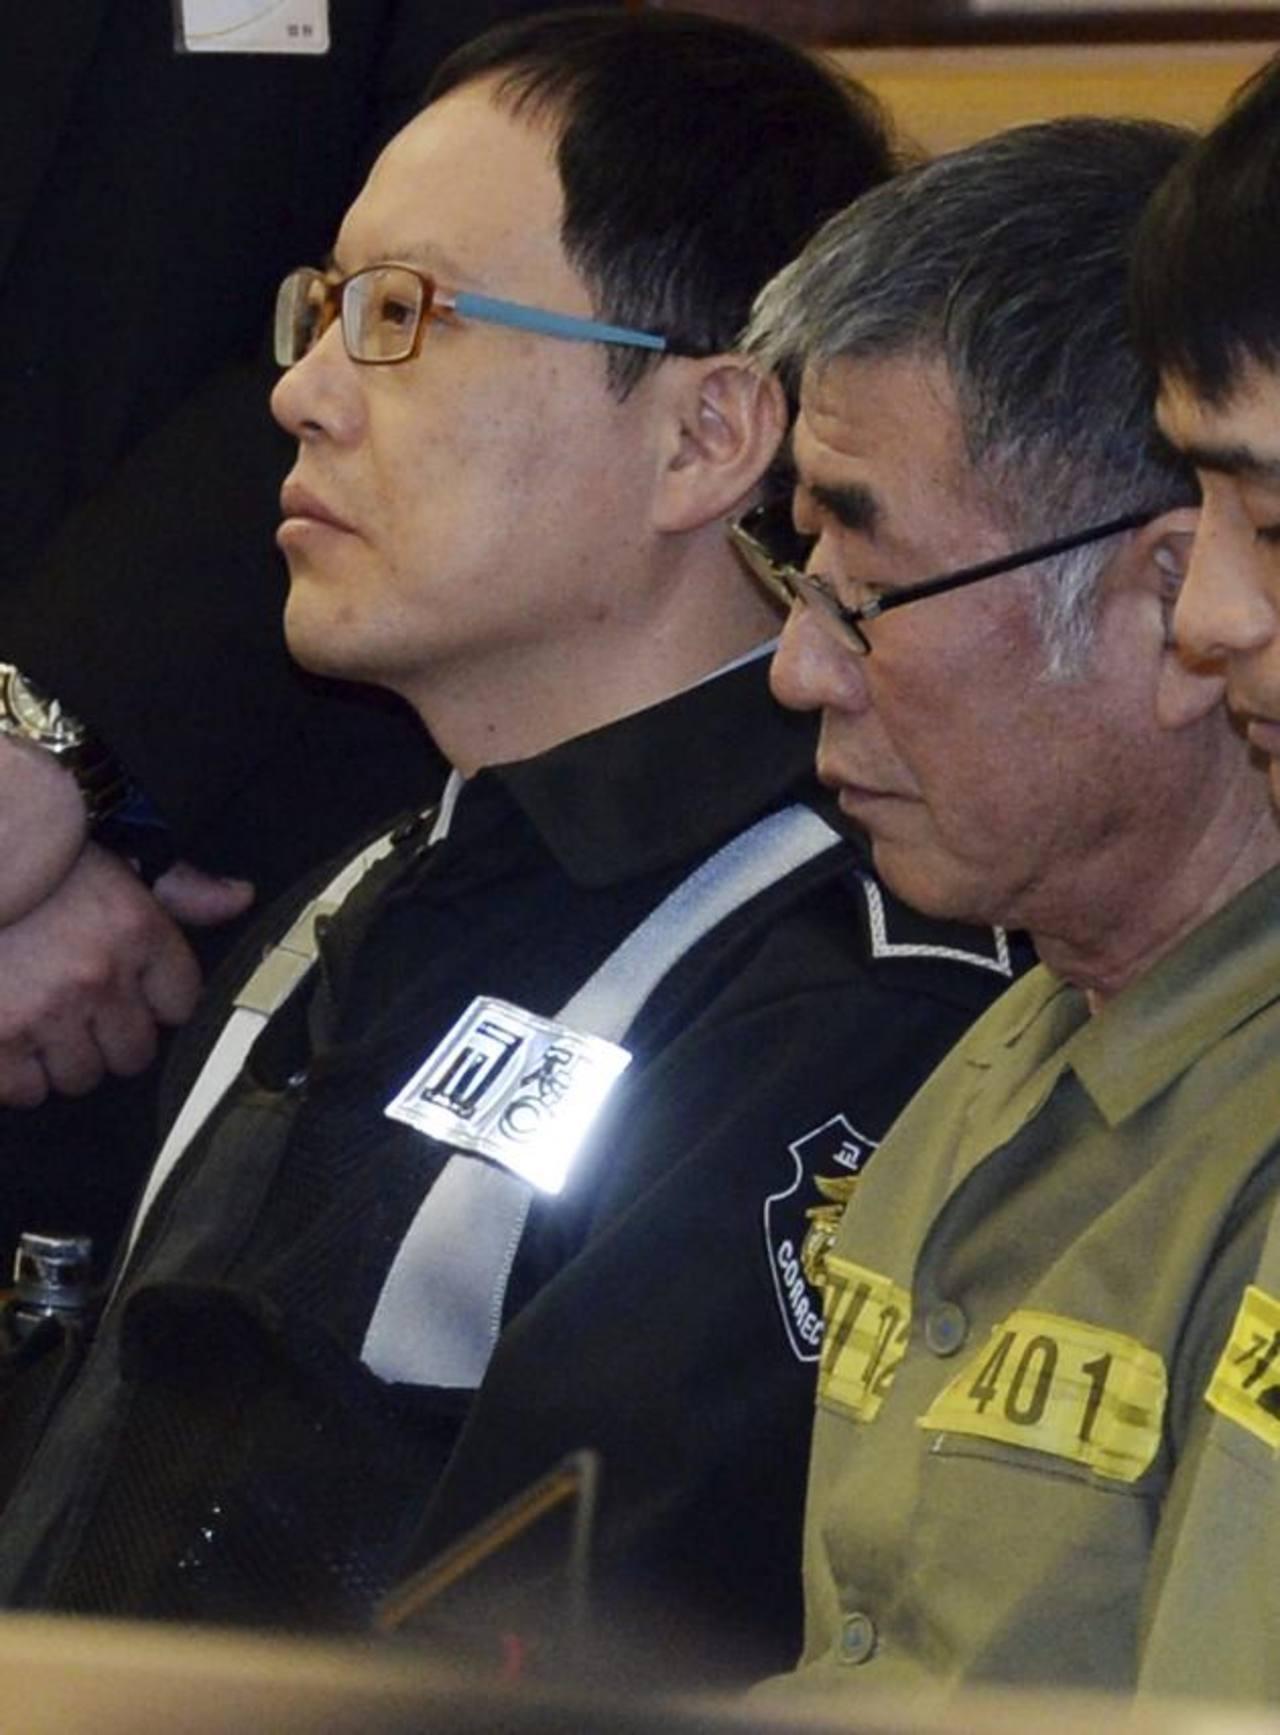 El capitán del buque Sewol, Lee Jun-Seok (centro). eFE